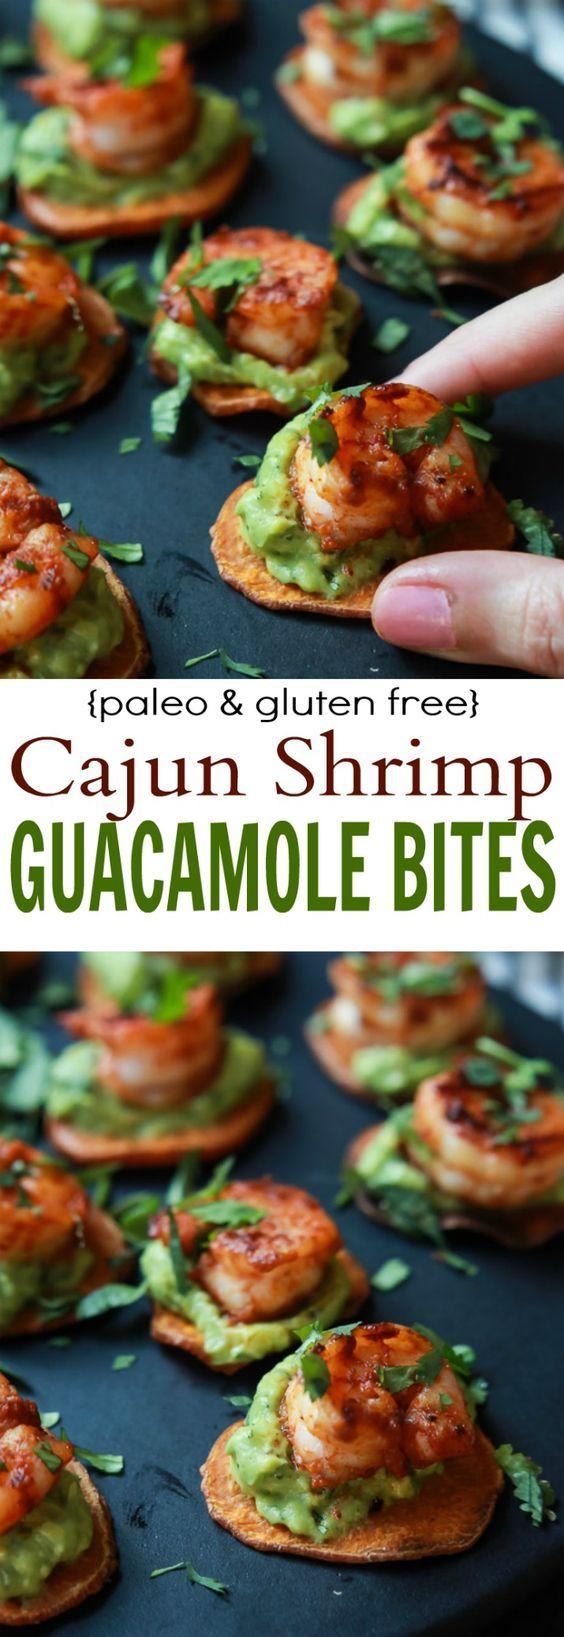 Dinner Party Nibbles Ideas Part - 40: Cajun Shrimp Guacamole Bites. Nibbles IdeasNibbles For PartyAppetizers For  Dinner ...